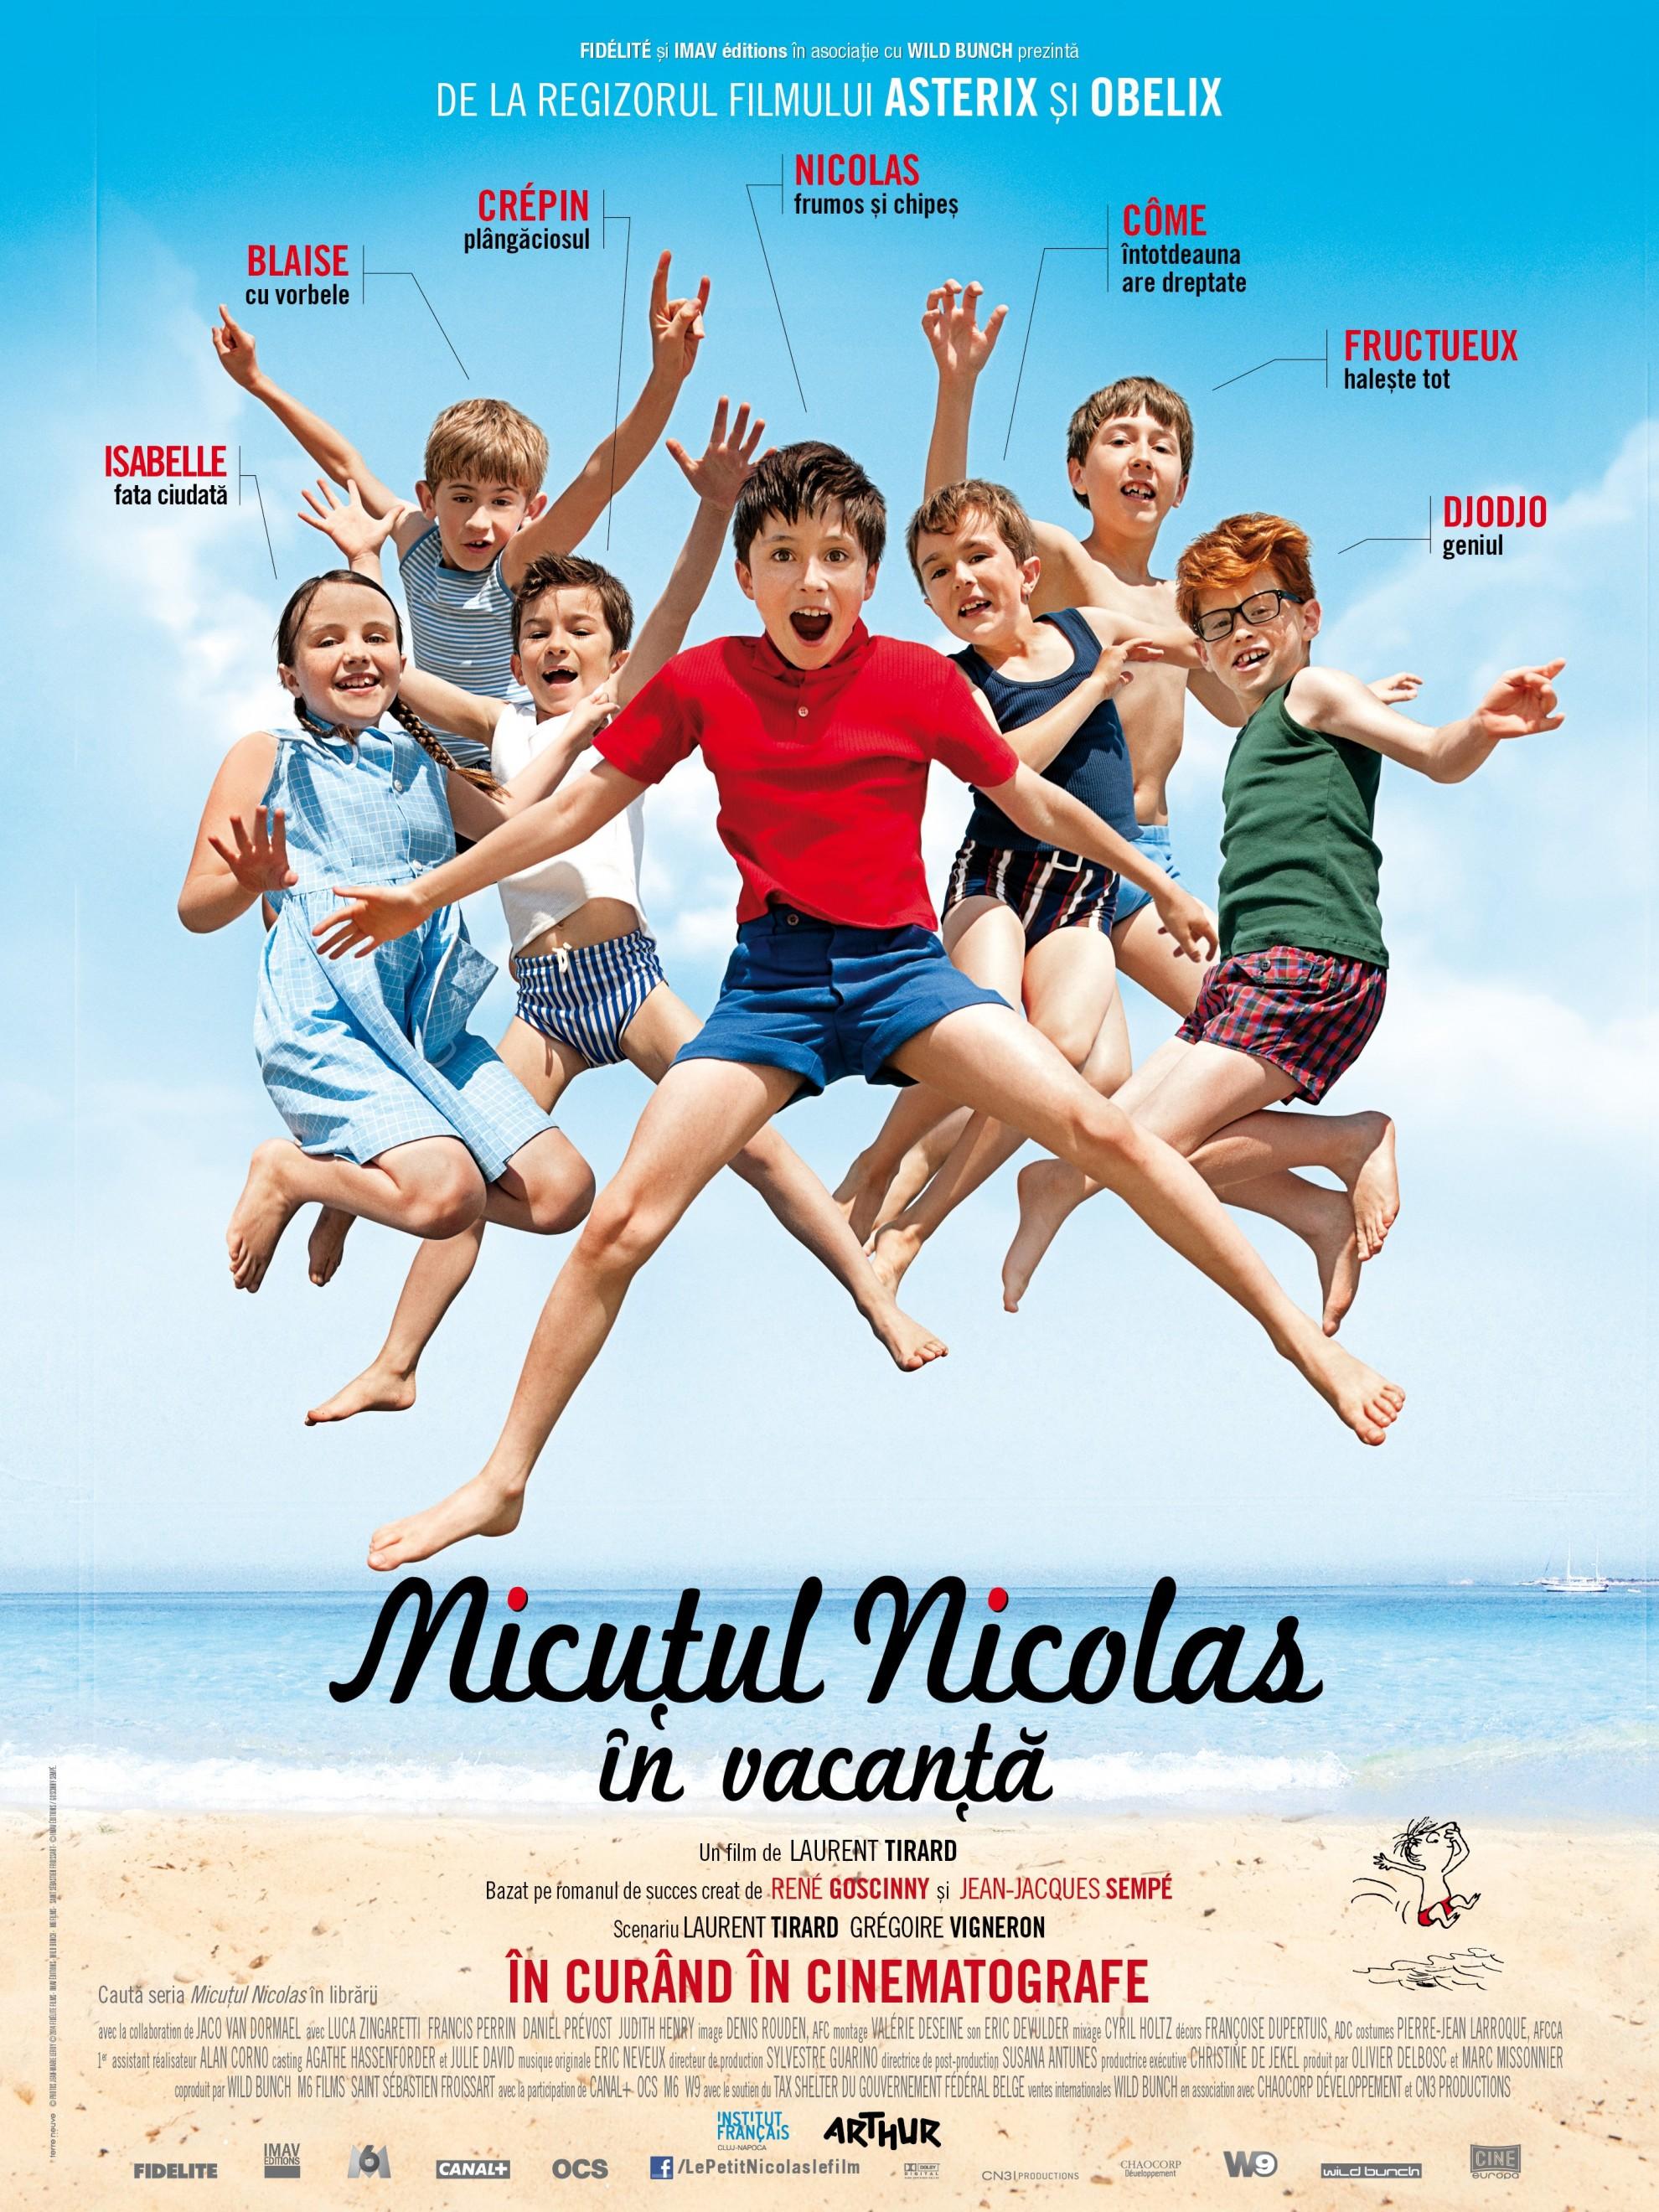 Micuțul Nicolas în vacanță, propunerea de sâmbătă pentru tinerii cinefili